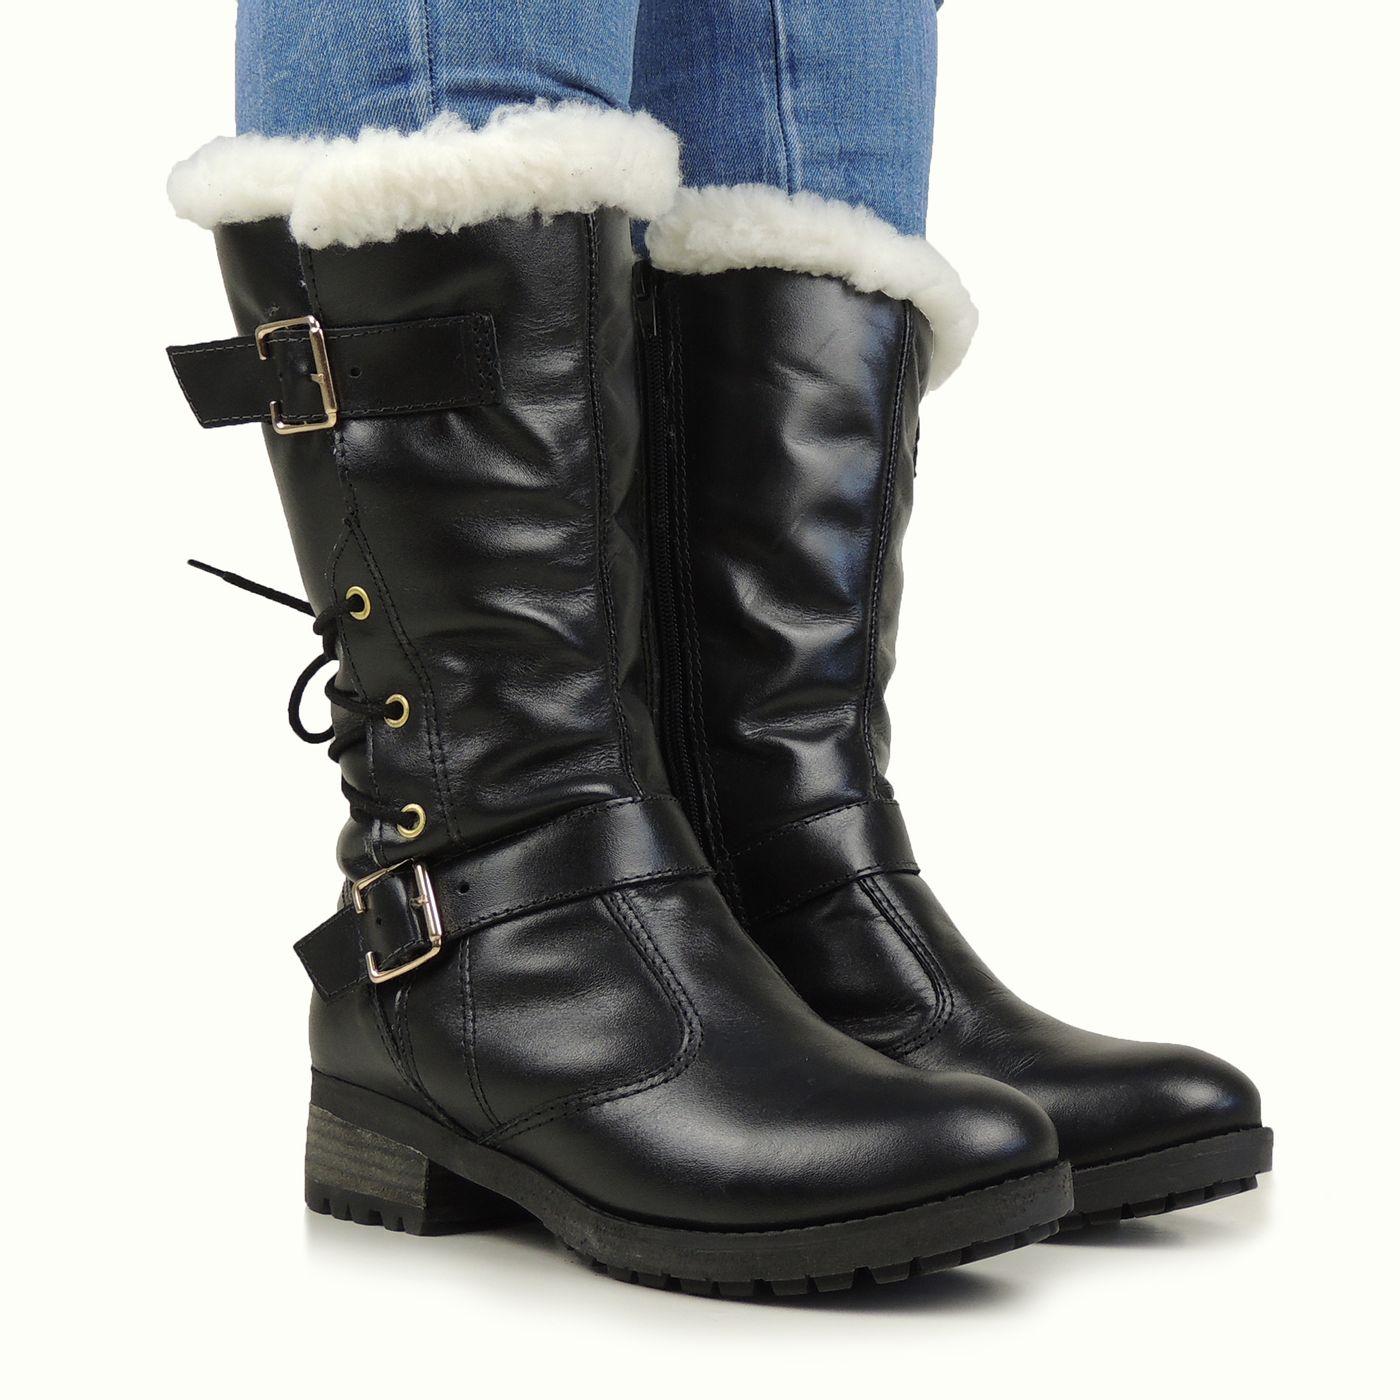 7d98300ae0 Bota feminina para o frio e neve - fieroshop